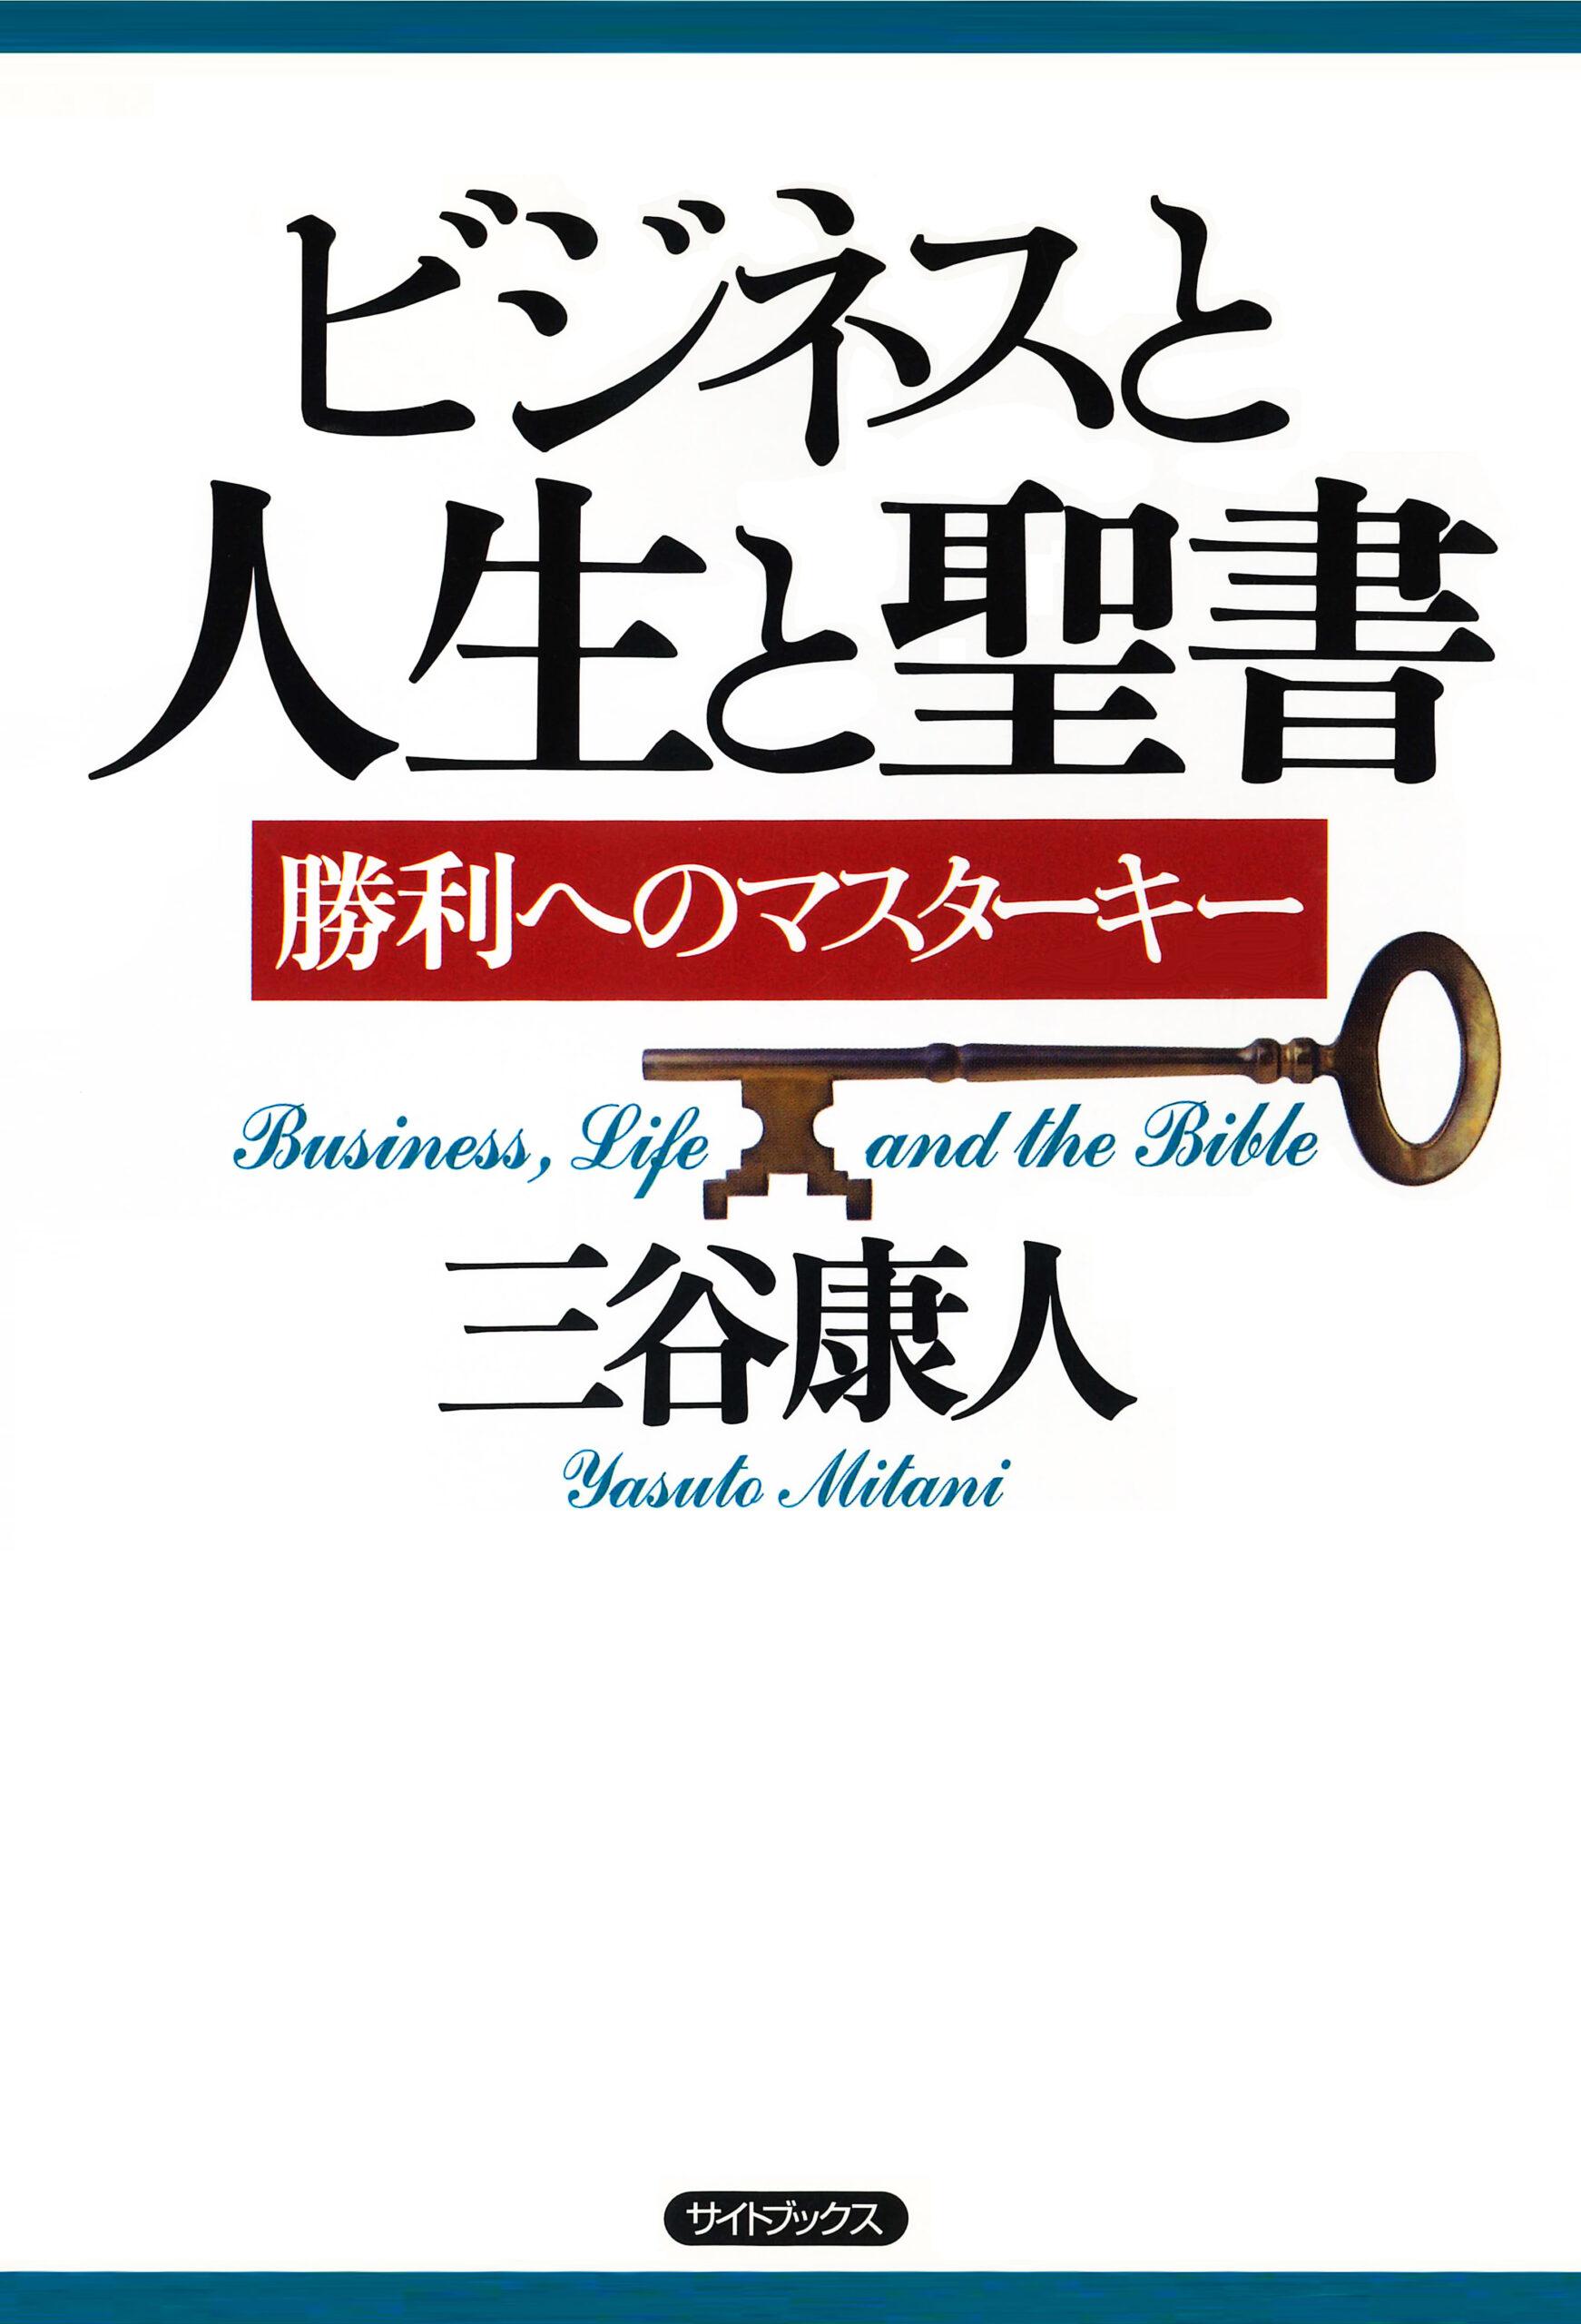 ビジネスと人生と聖書